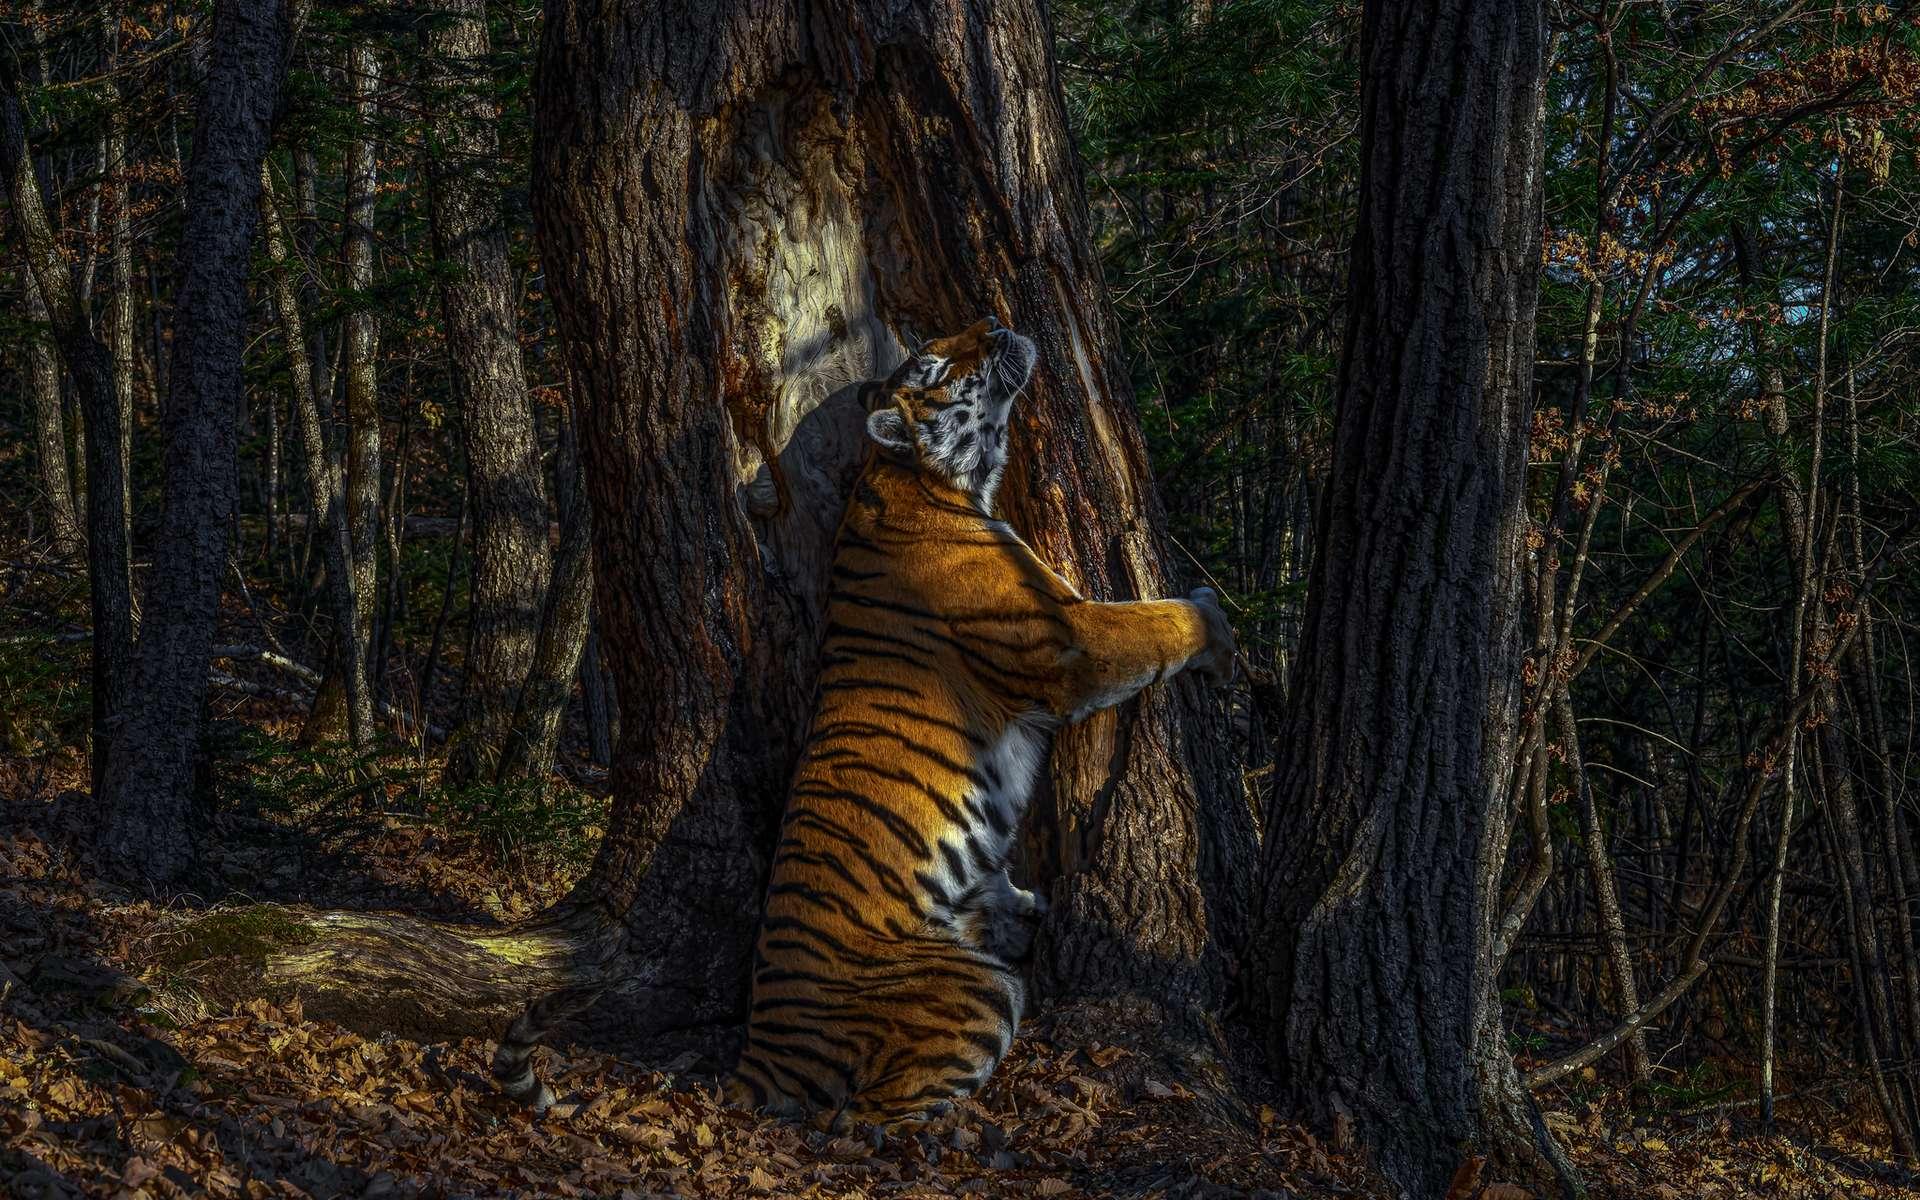 Cette photo émouvante d'un tigre de Sibérie en pleine communion avec son environnement parviendra-t-elle à éveiller les consciences? © Sergey Gorshkov, Wildlife Photographer of the Year 2020